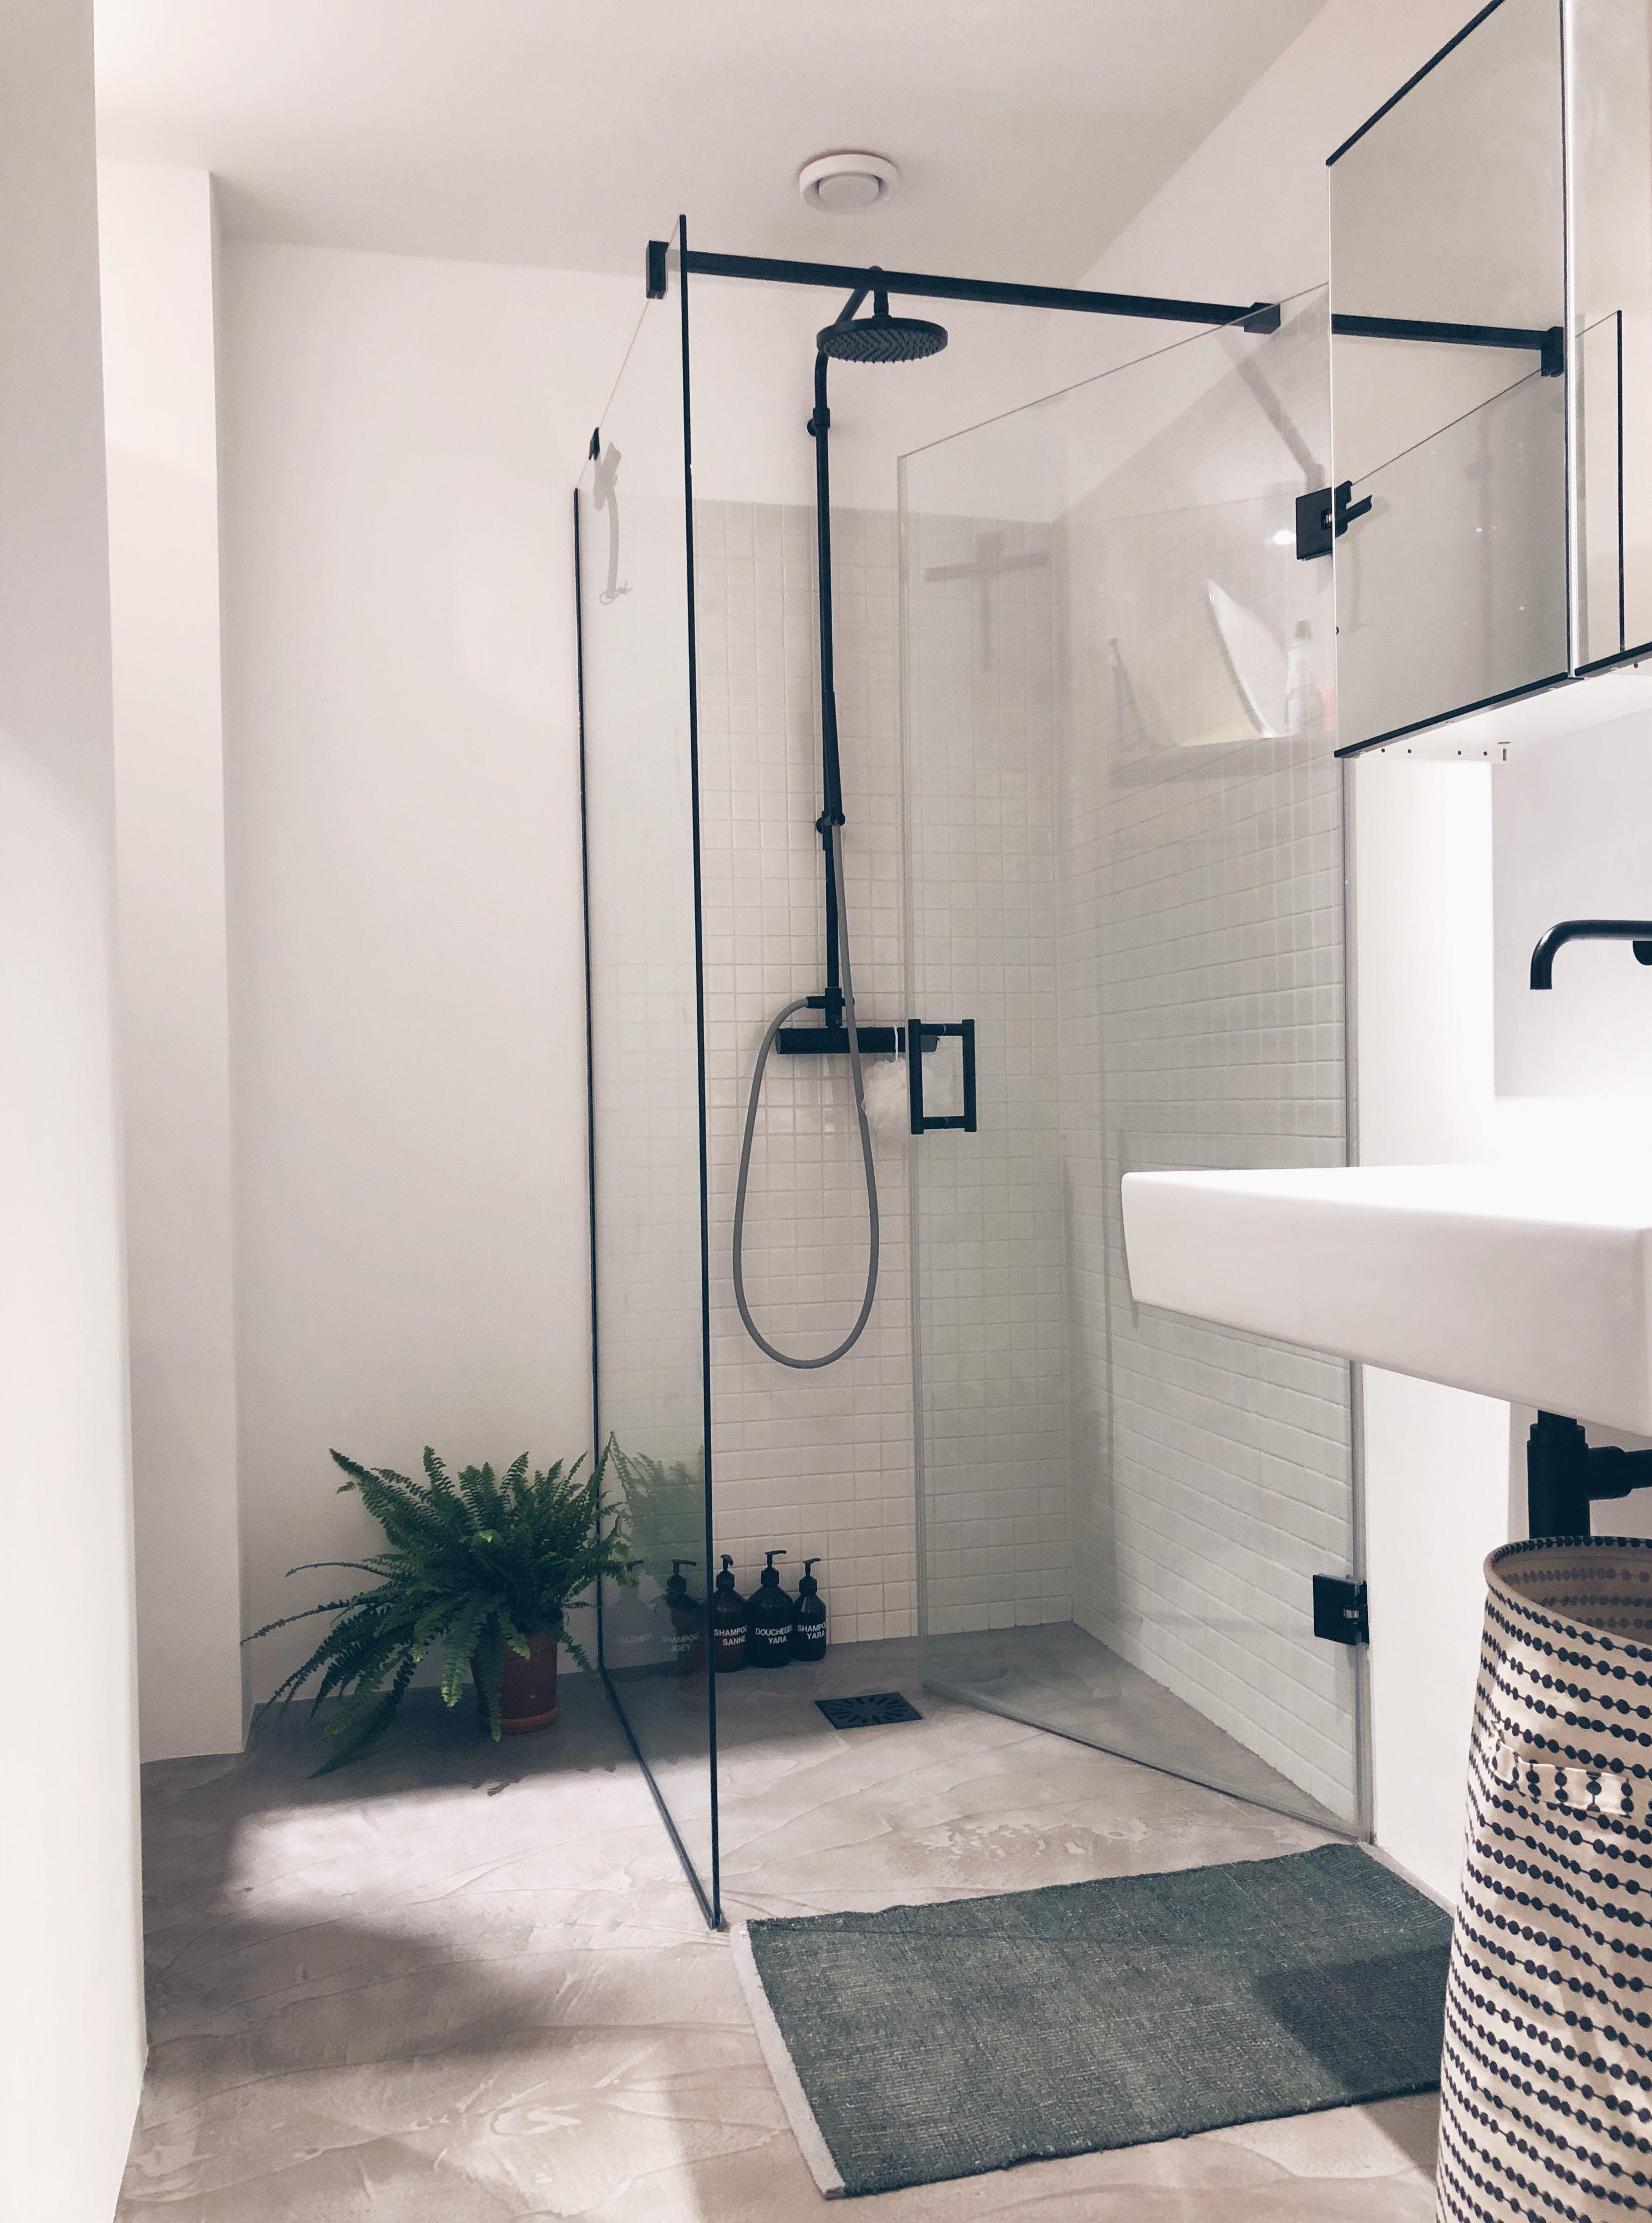 Badkamer - Binnenkijken bij amsterdamshuisje | Instagram, Interiors ...